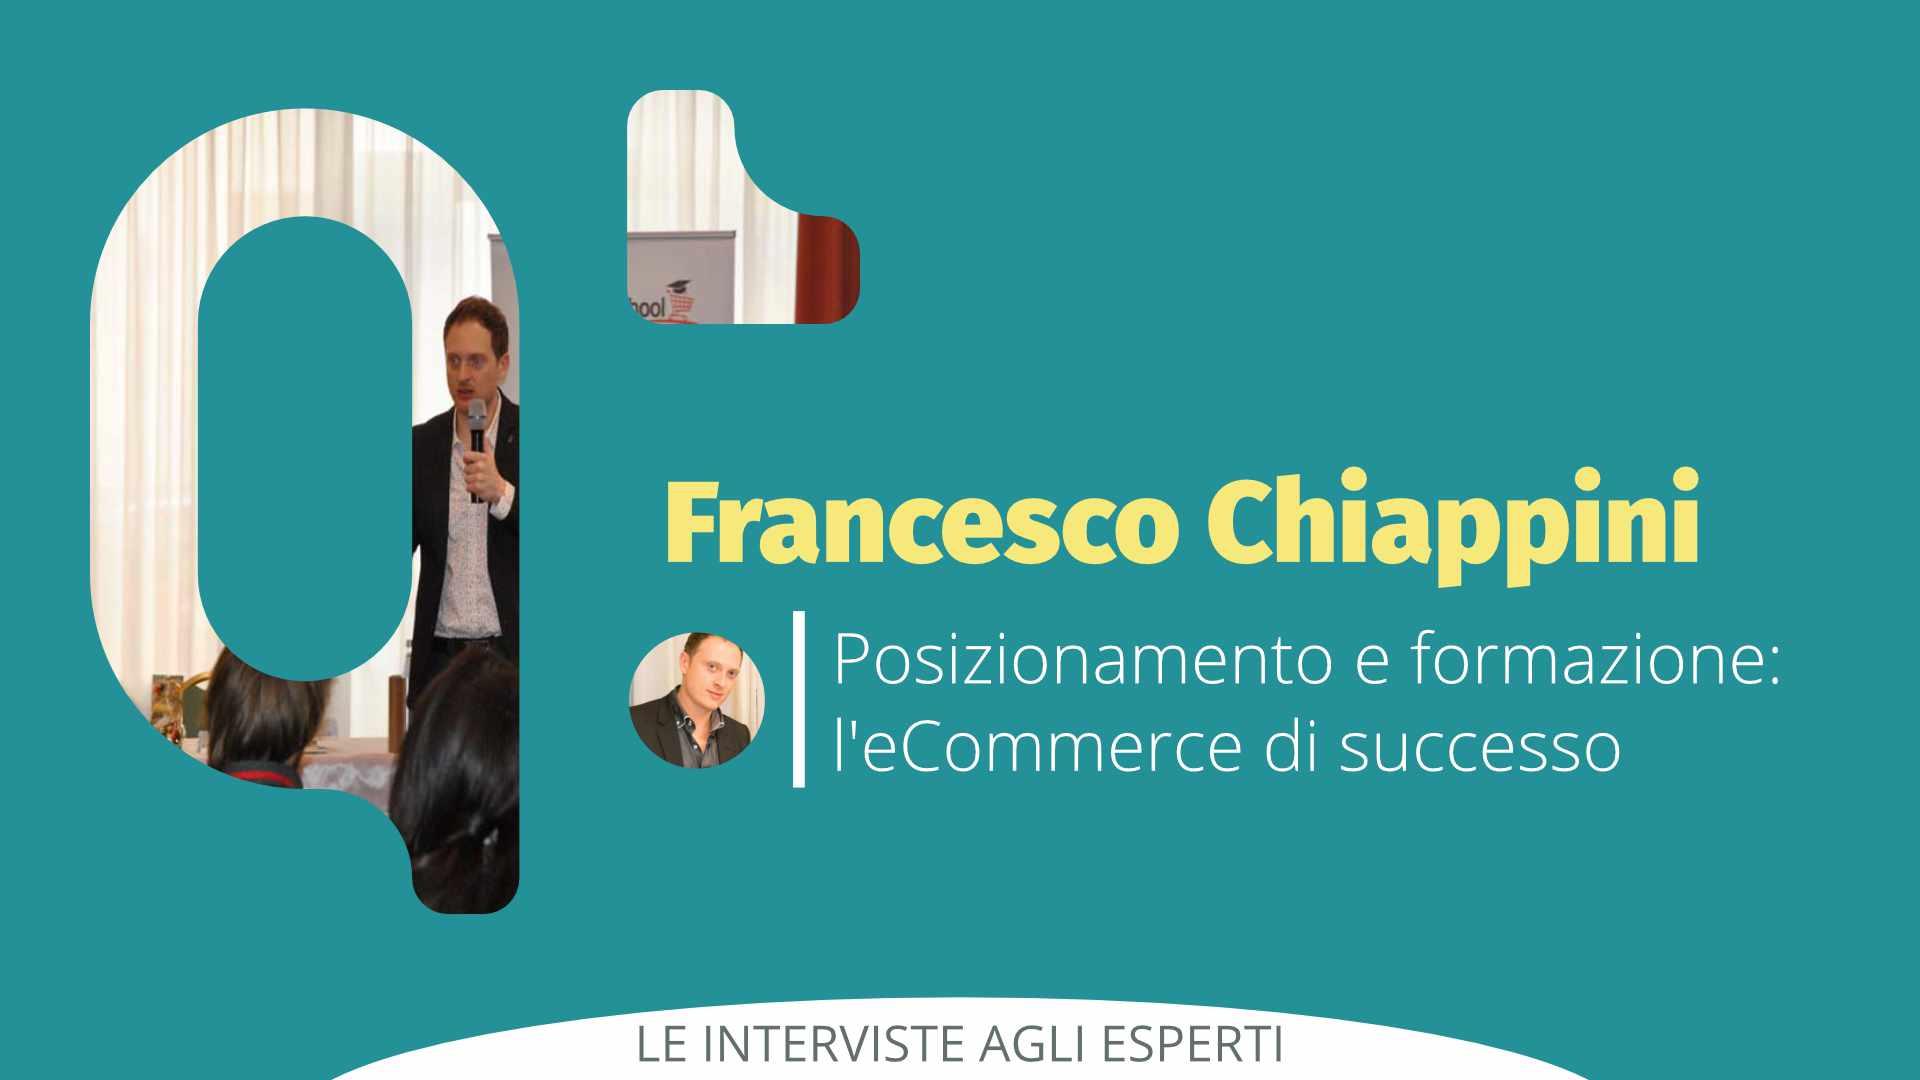 Posizionamento e formazione: l'eCommerce di successo secondo Francesco Chiappini